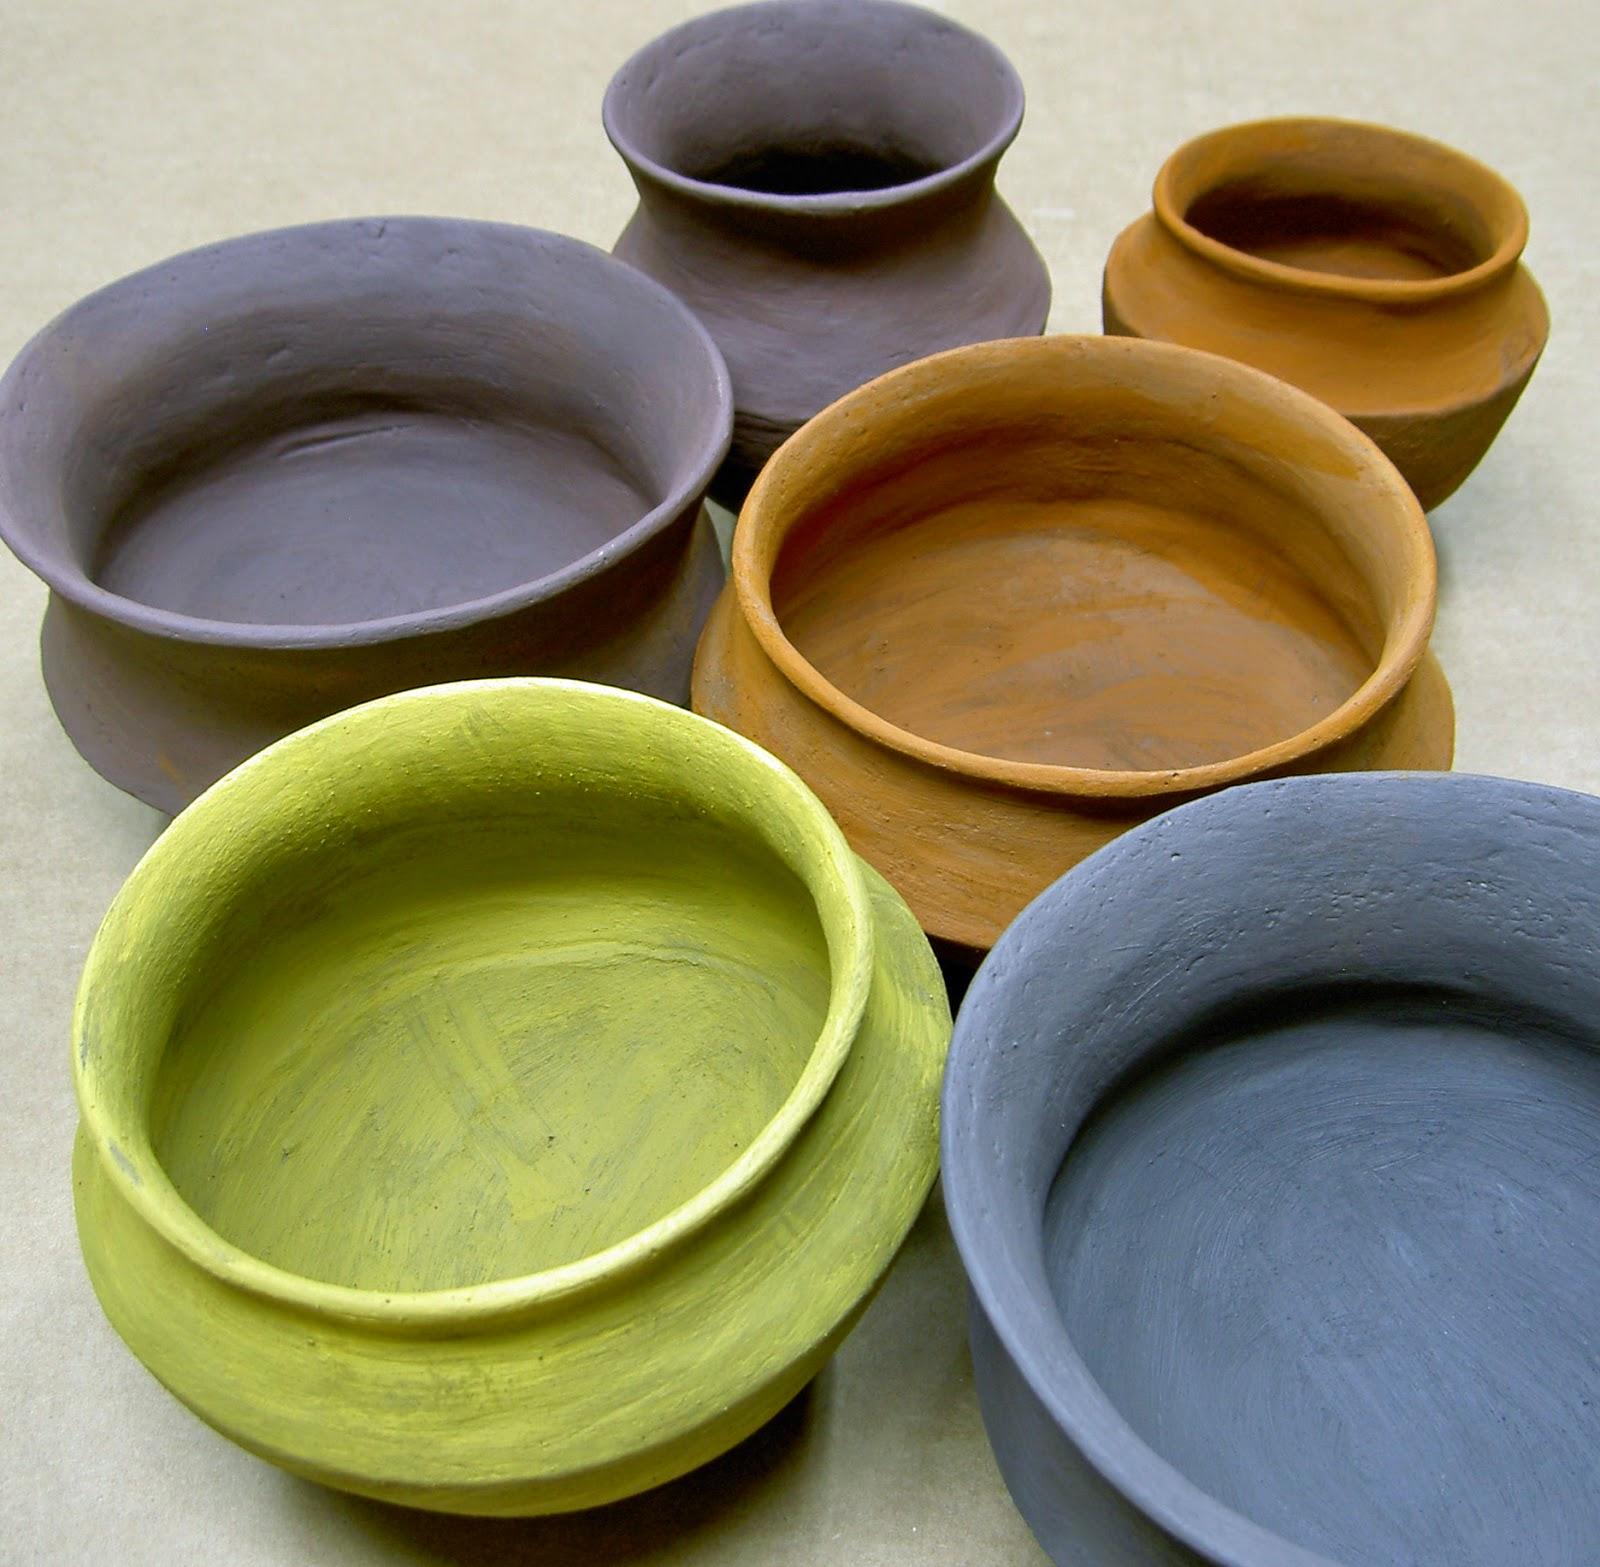 Arqueocer mica cer mica arg rica - Ceramica el mazarron ...